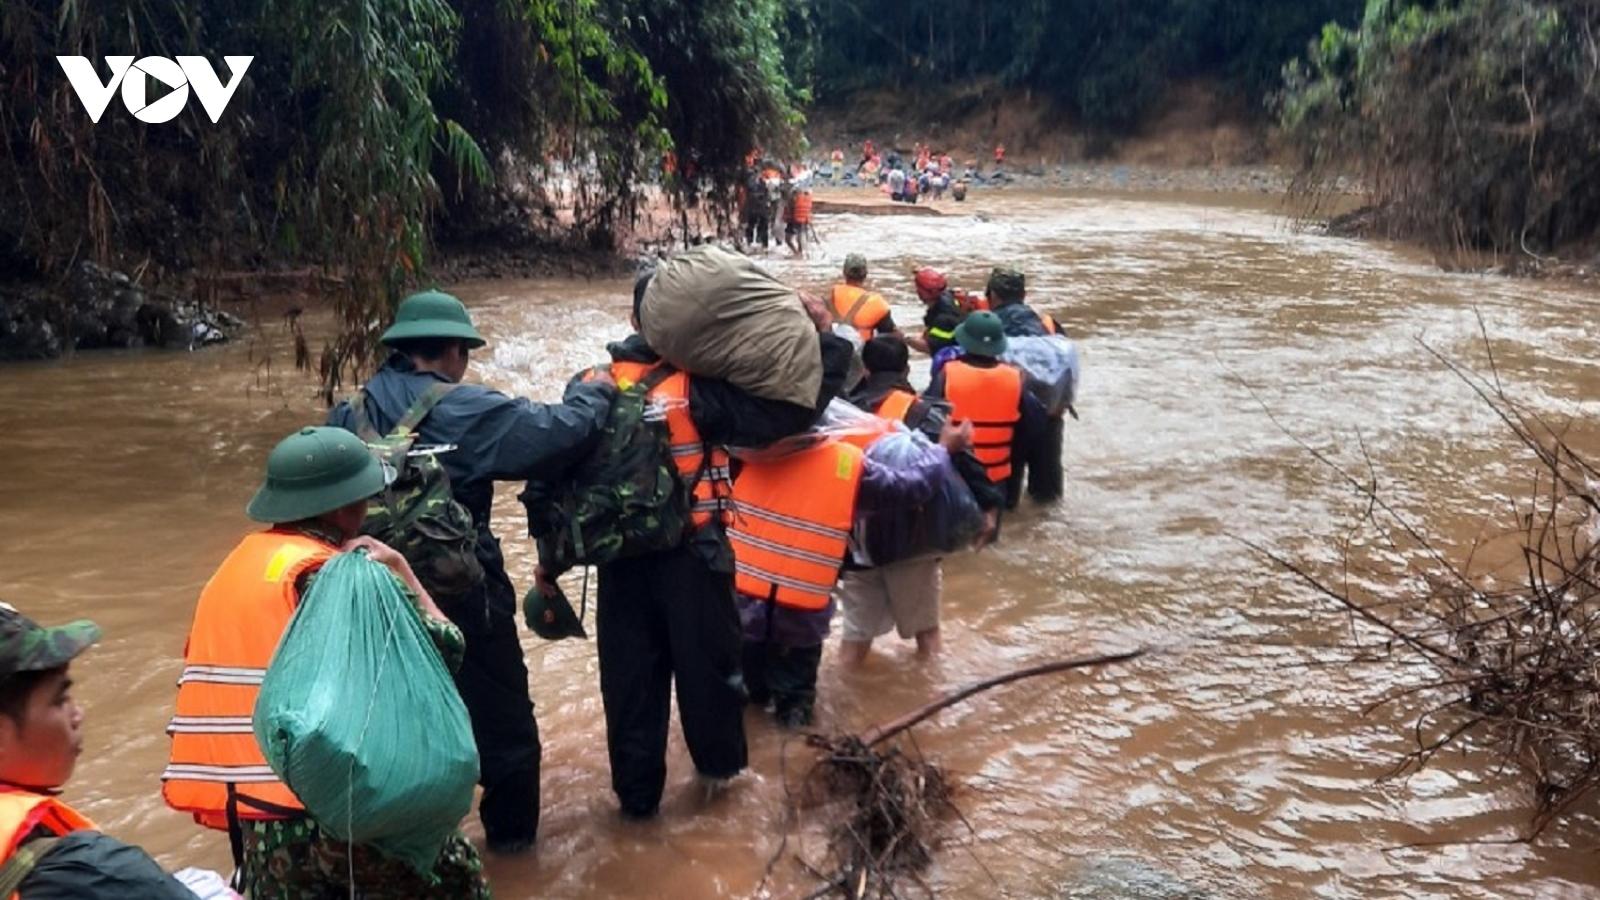 Lần thứ 3 tạm dừng tìm kiếm nạn nhân mất tích ở Rào Trăng 3 do thời tiết bất lợi